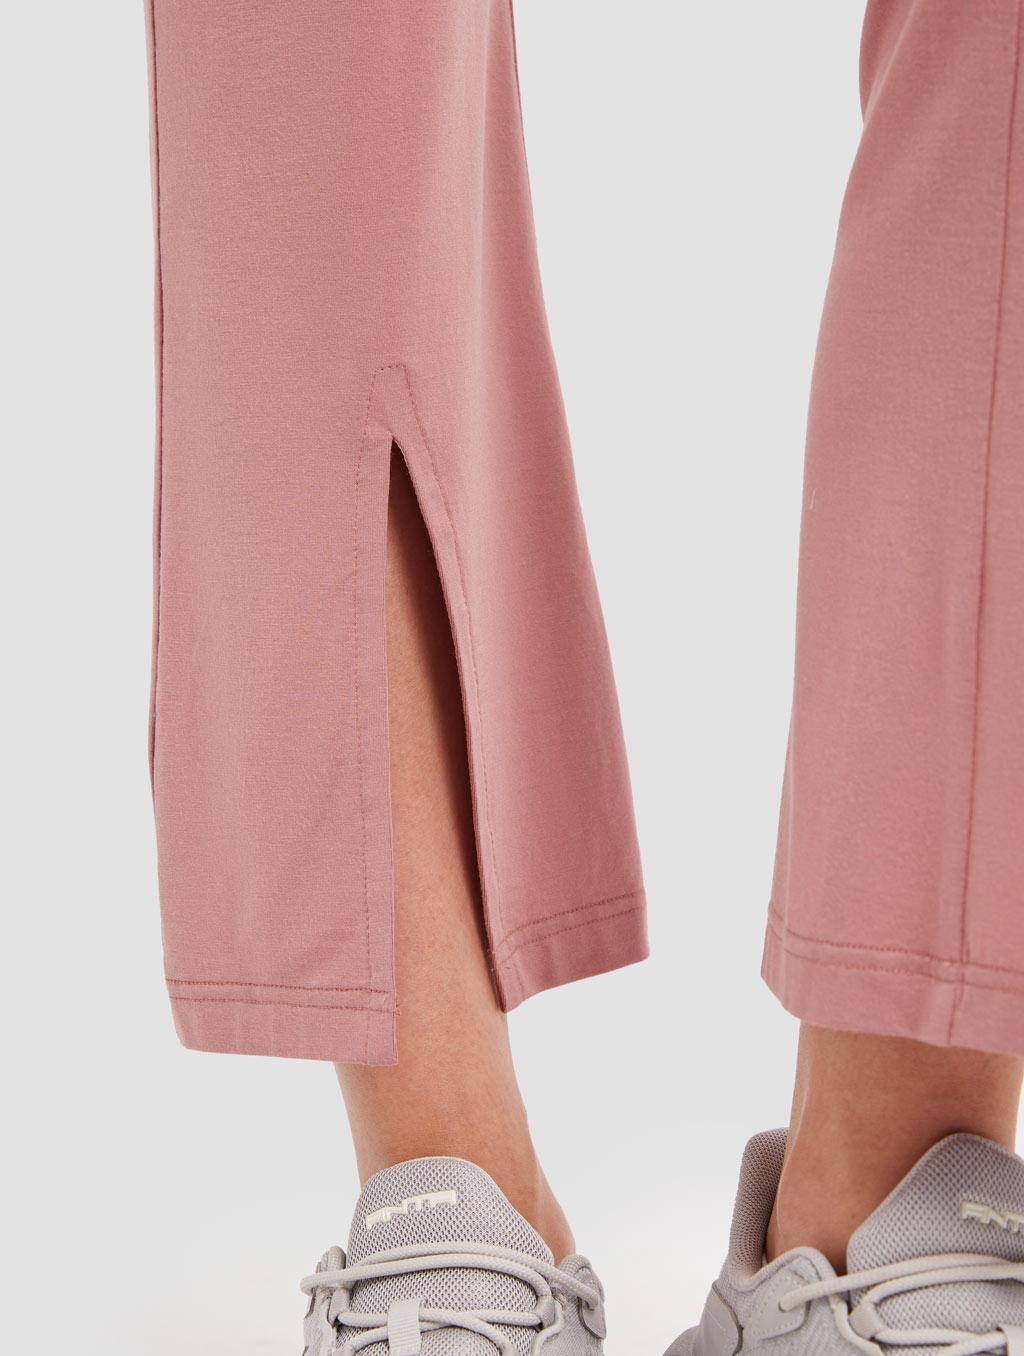 Slit Knit Pants - detail -pink1